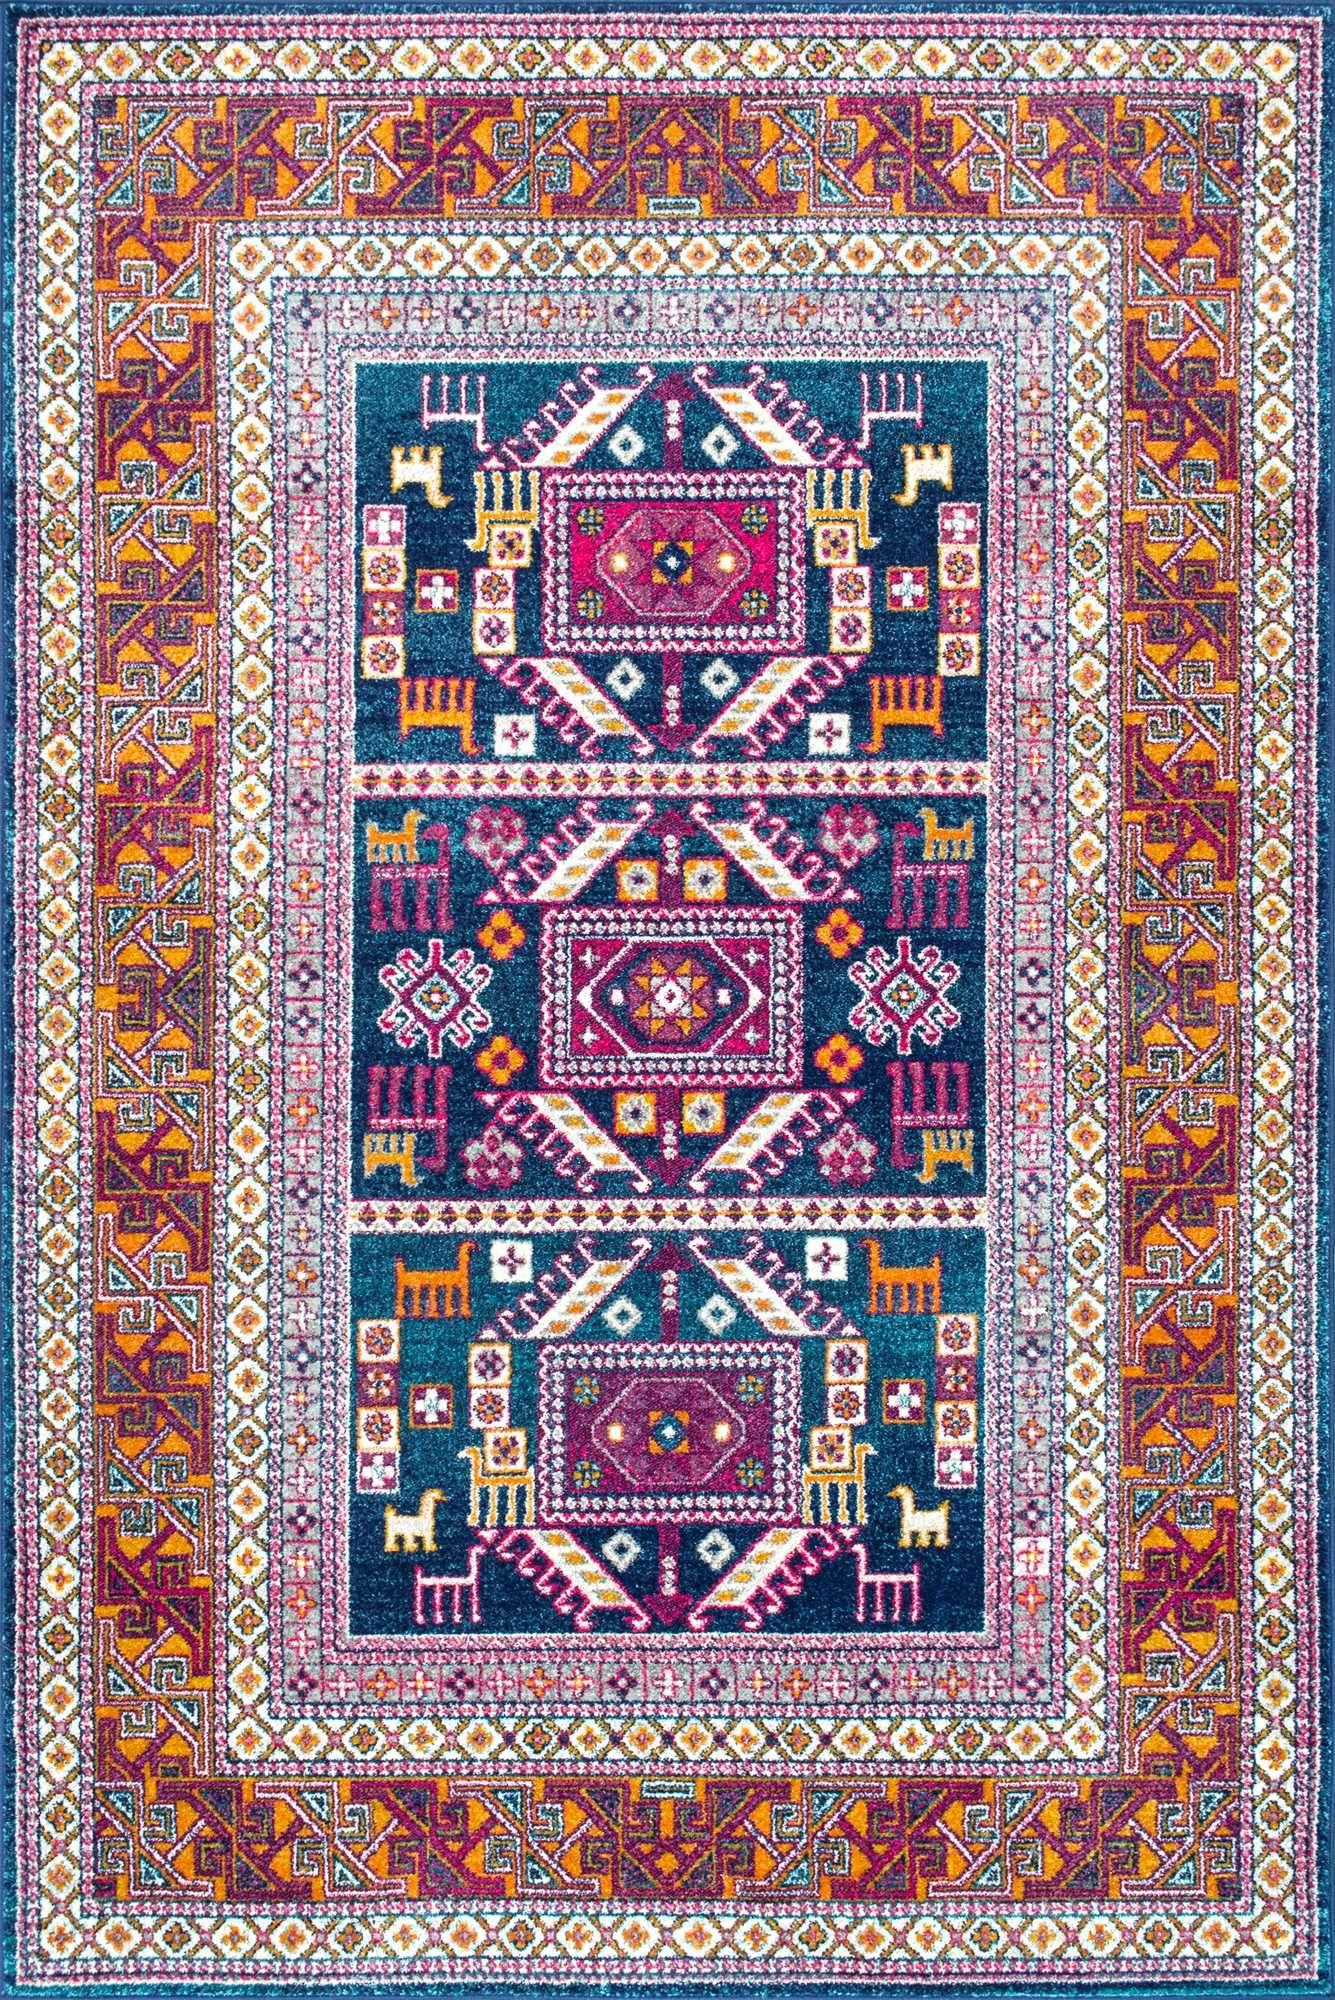 bosphorusbd48 tecumseh tribal tale triptych rug triptych